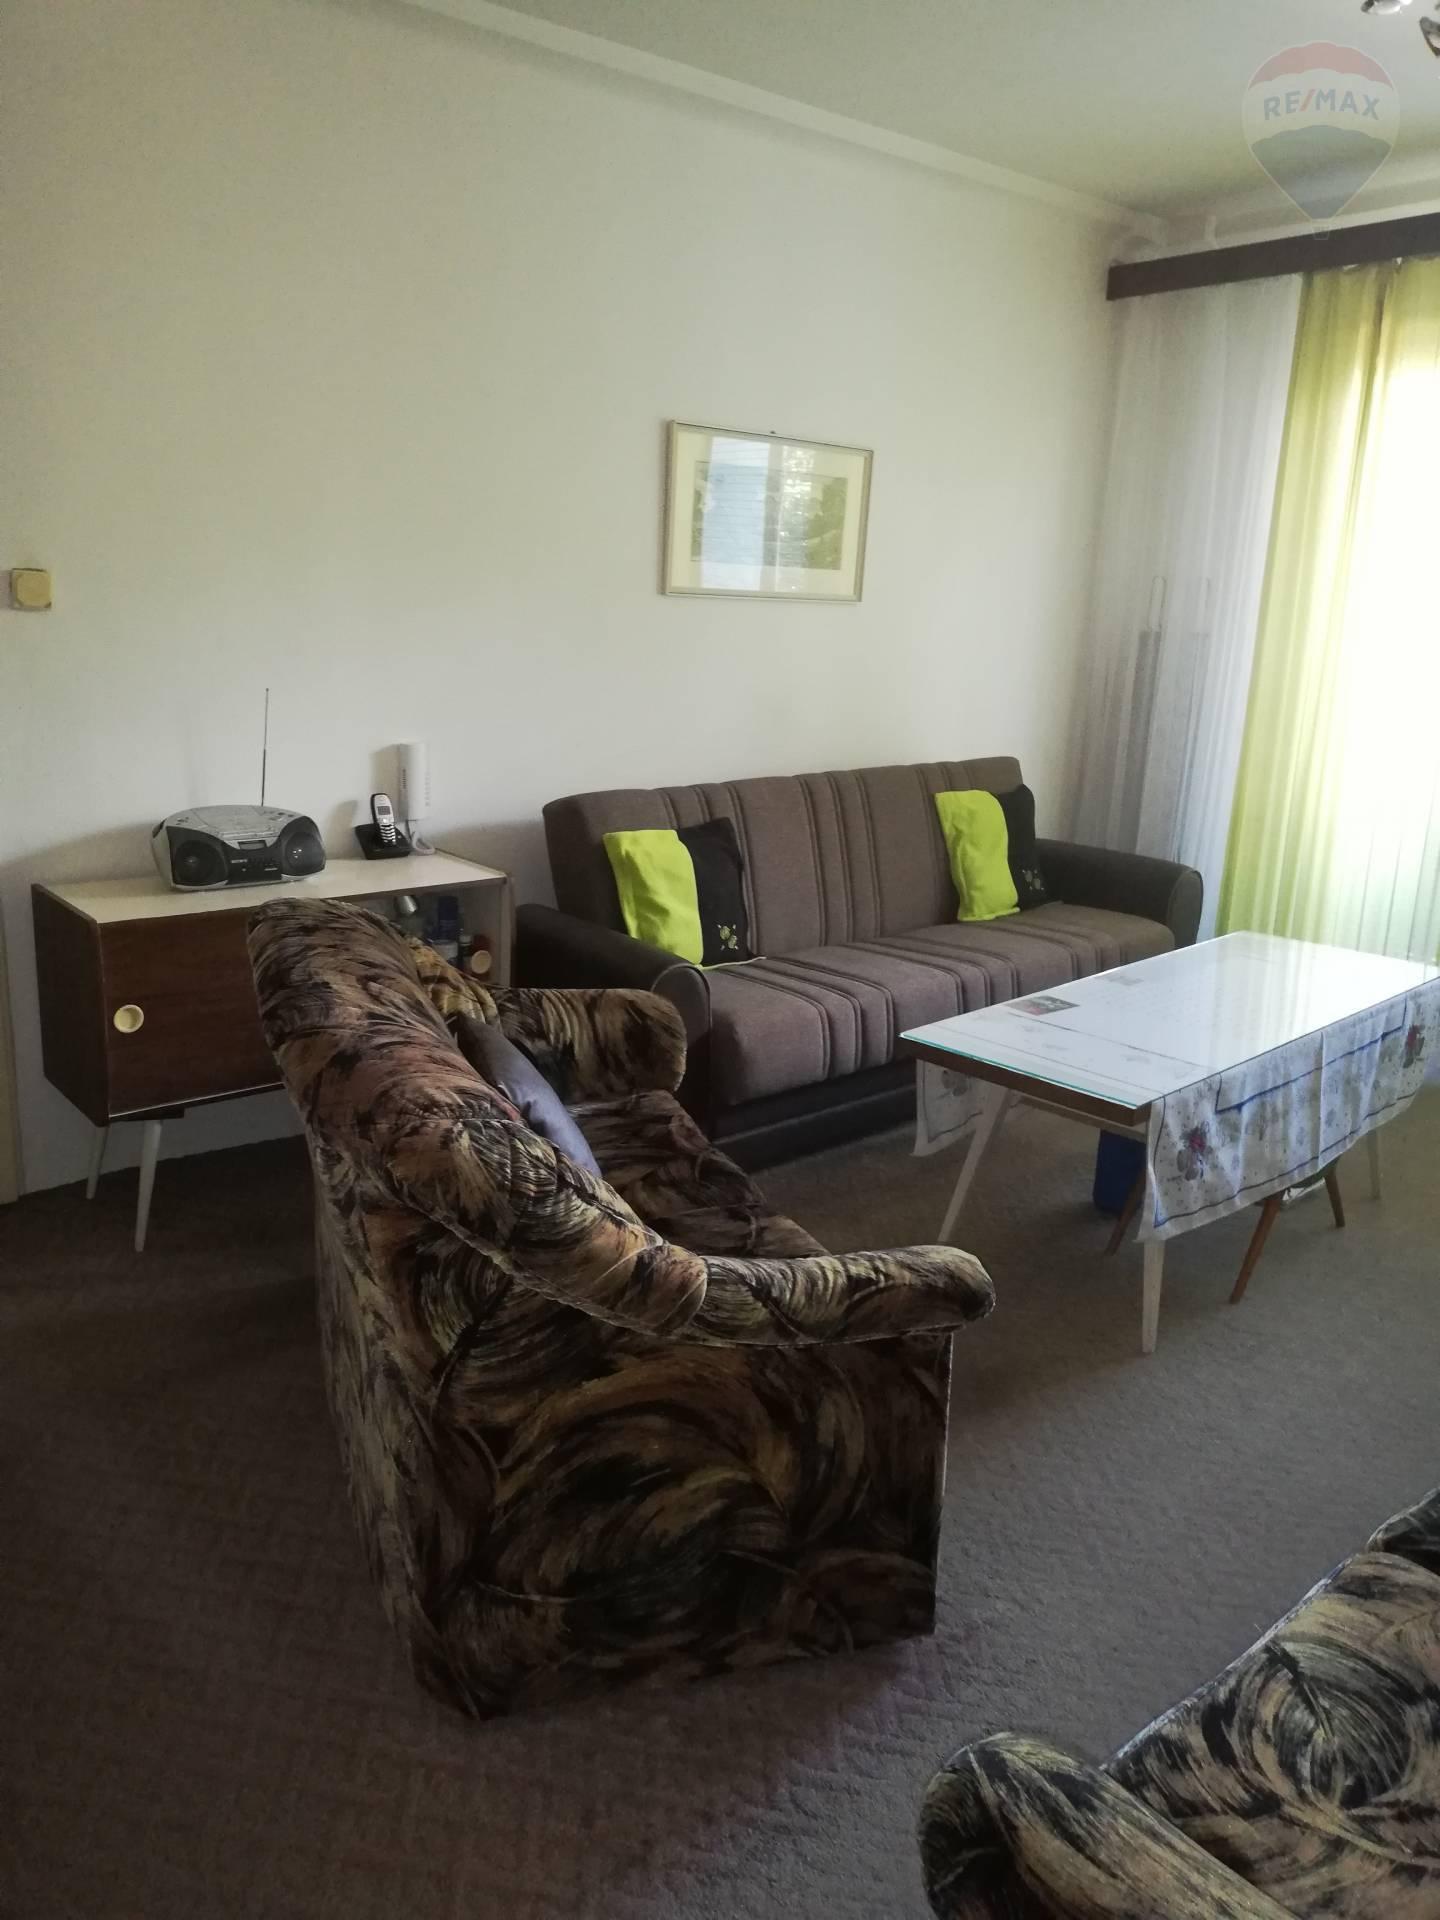 Predaj bytu (3 izbový) 75 m2, Bratislava - Ružinov - 3izbový byt obývacka